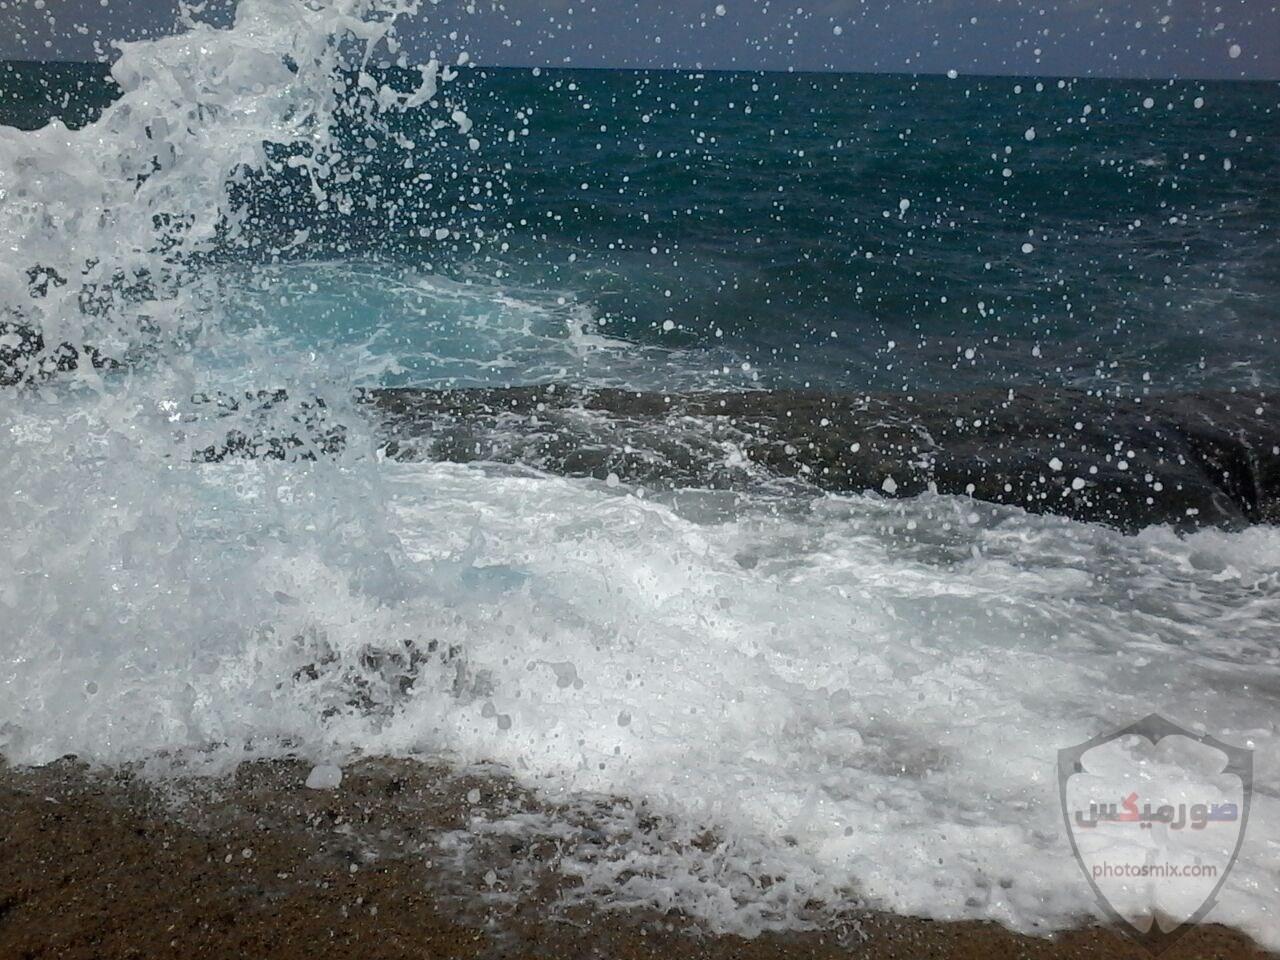 صور البحر 2020 خلفيات بحر وسفن للفوتوشوب 1